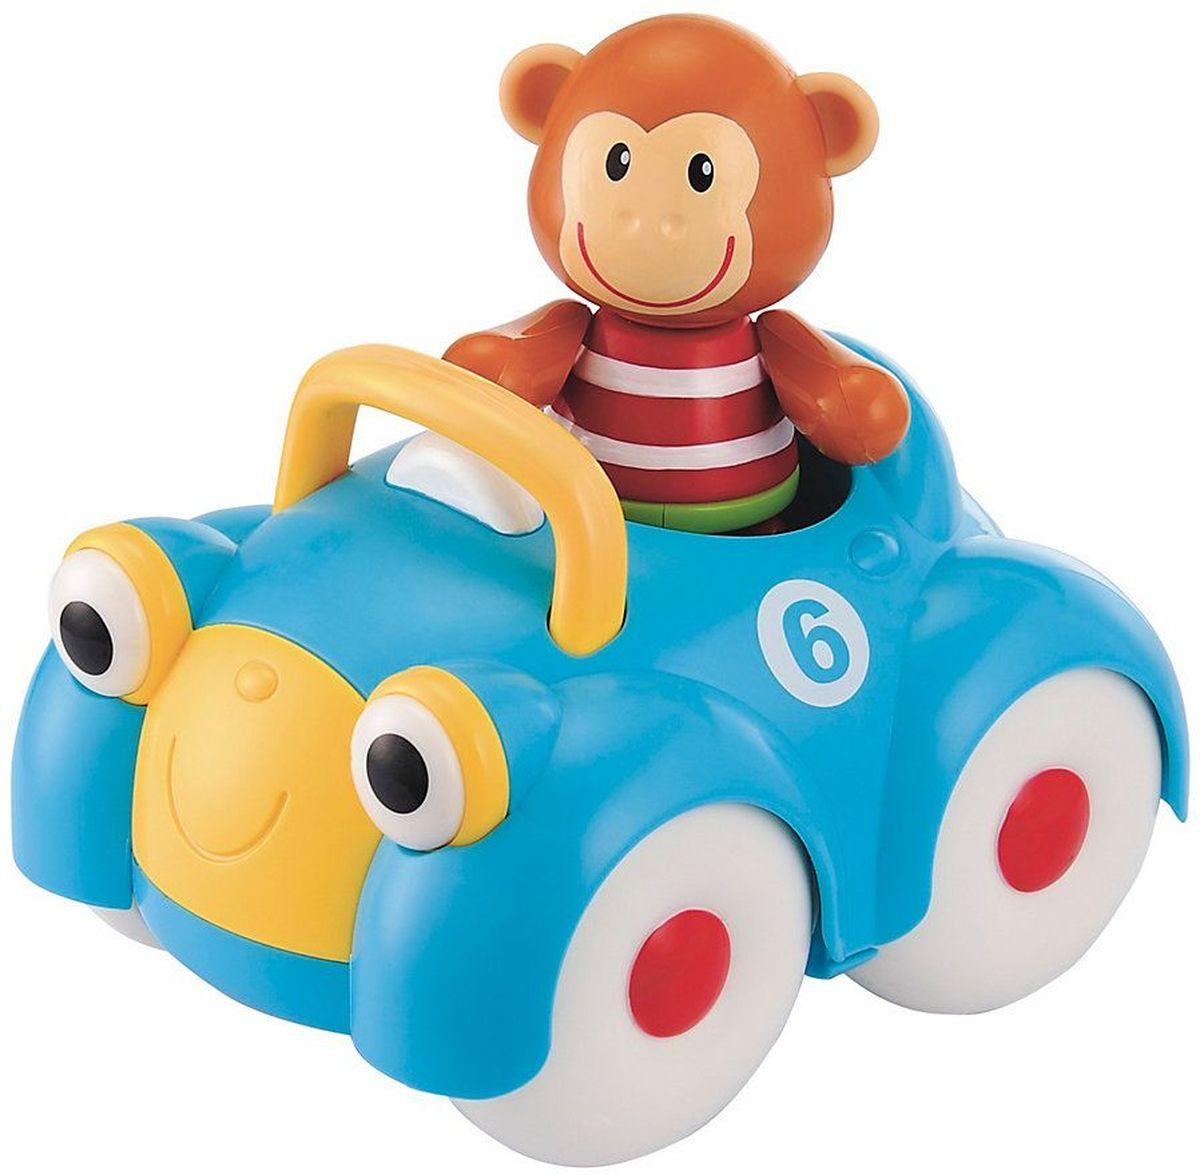 ELC Машинка-игрушка с обезьянкой137041Машинка-игрушка с обезьянкой ELC непременно понравится любому малышу и не позволит ему скучать. Познакомьтесь с обезьянкой Монти и его дружелюбным автомобилем. Ноги, руки и голова фигурки двигаются, издавая негромкие щелчки. Ушки изготовлены из мягкой резины. Посади Монти внутрь и катай машинку по комнате. Красочная игрушка стимулирует ребенка ползать и ходить, развивает воображение.